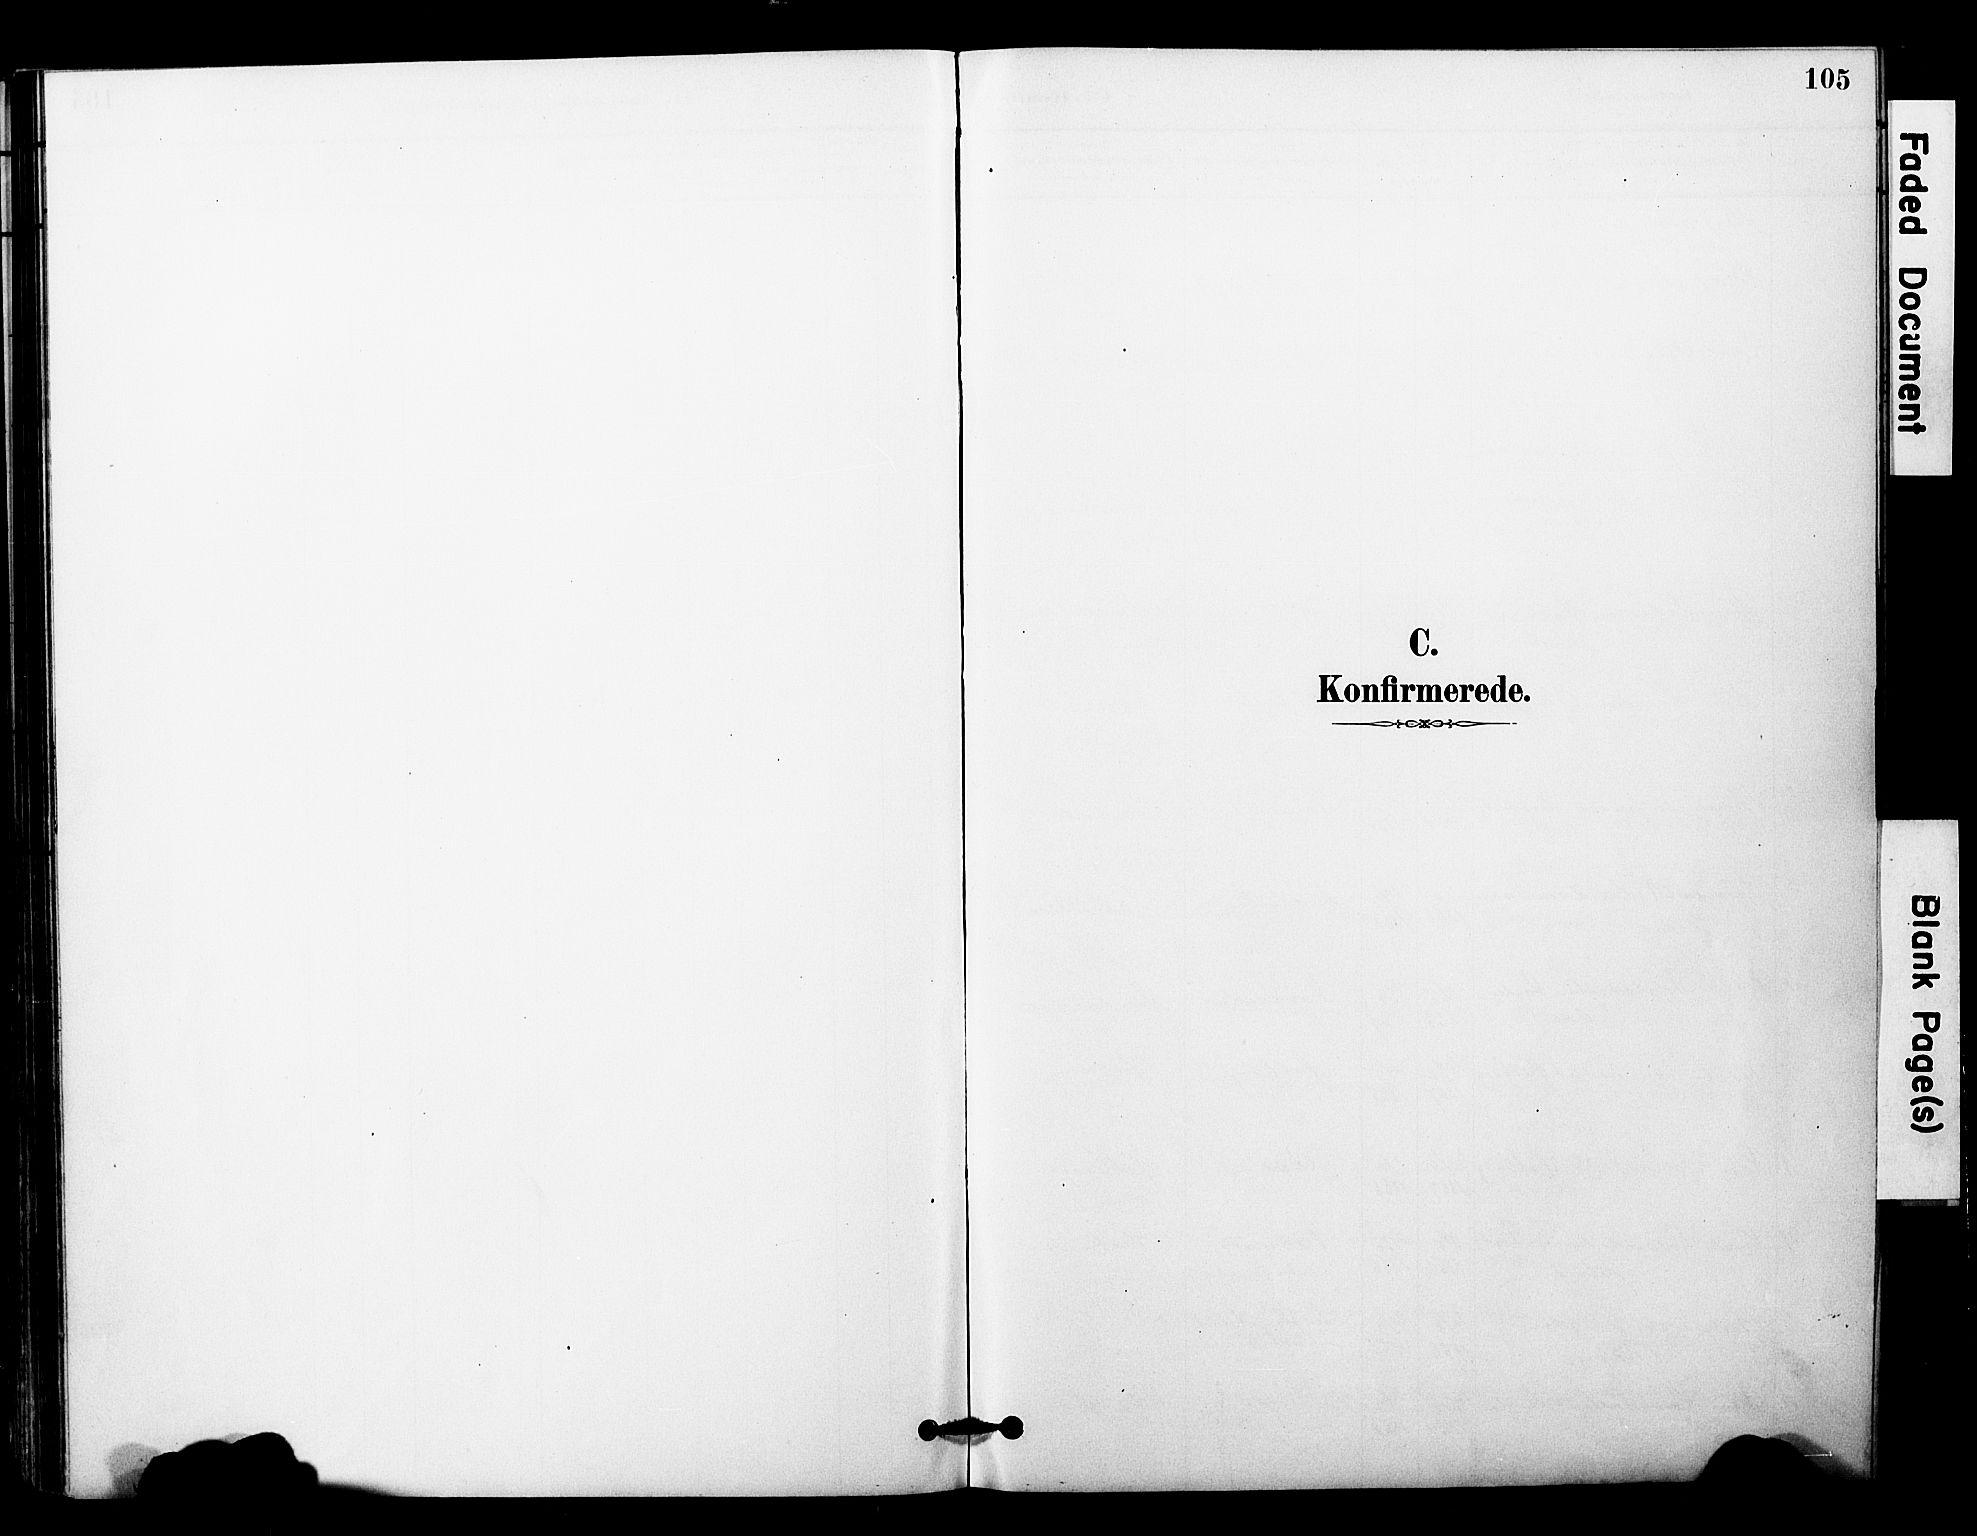 SAT, Ministerialprotokoller, klokkerbøker og fødselsregistre - Nord-Trøndelag, 757/L0505: Ministerialbok nr. 757A01, 1882-1904, s. 105